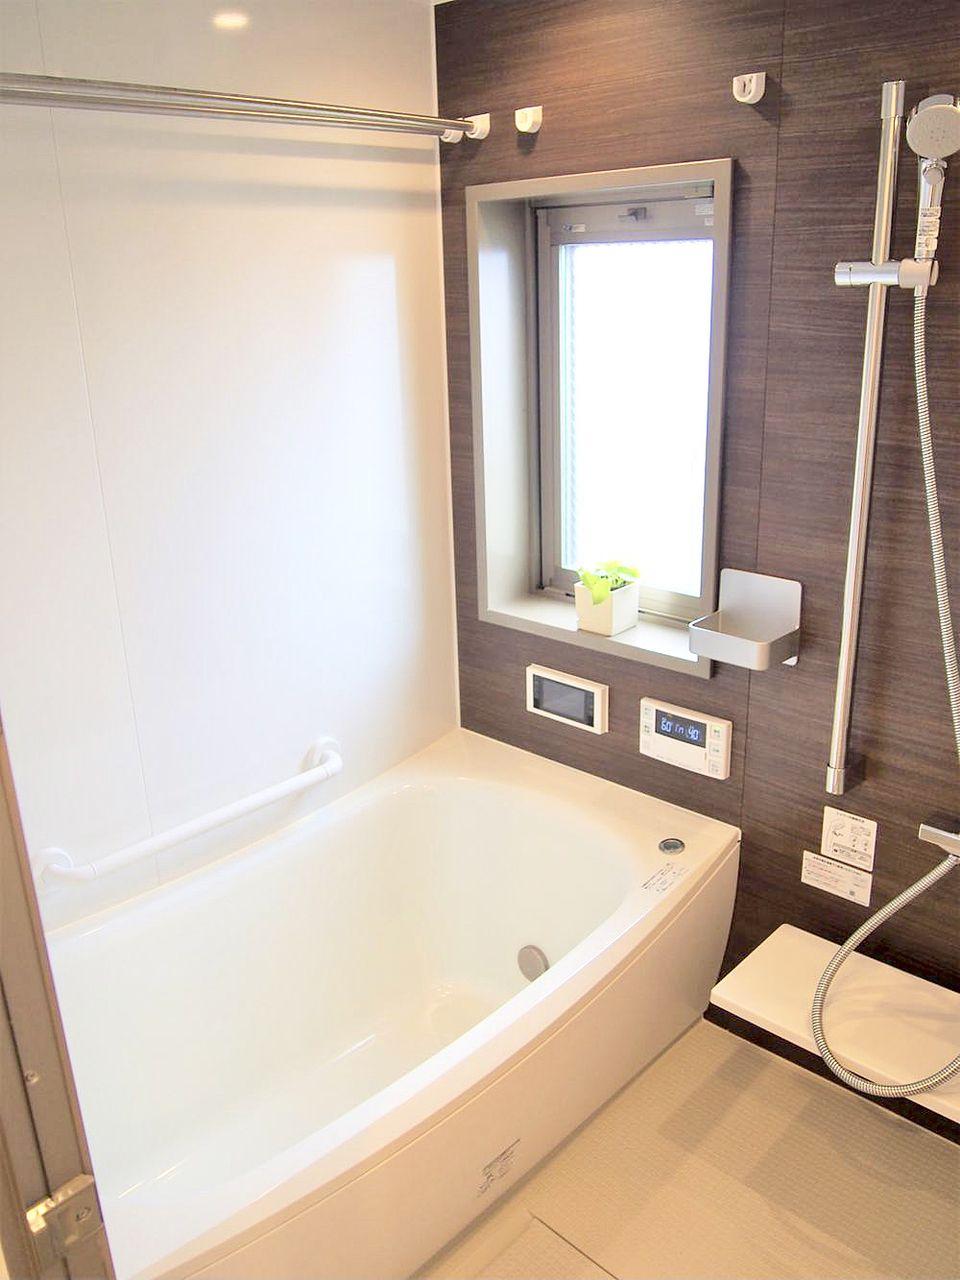 TOTOのオートバスバスルーム。 浴室全体を断熱材で包みこんだ魔法びん浴槽は4時間後の温度低下は僅か2.5℃、快適な温度を維持してくれる省エネ効果に優れています。